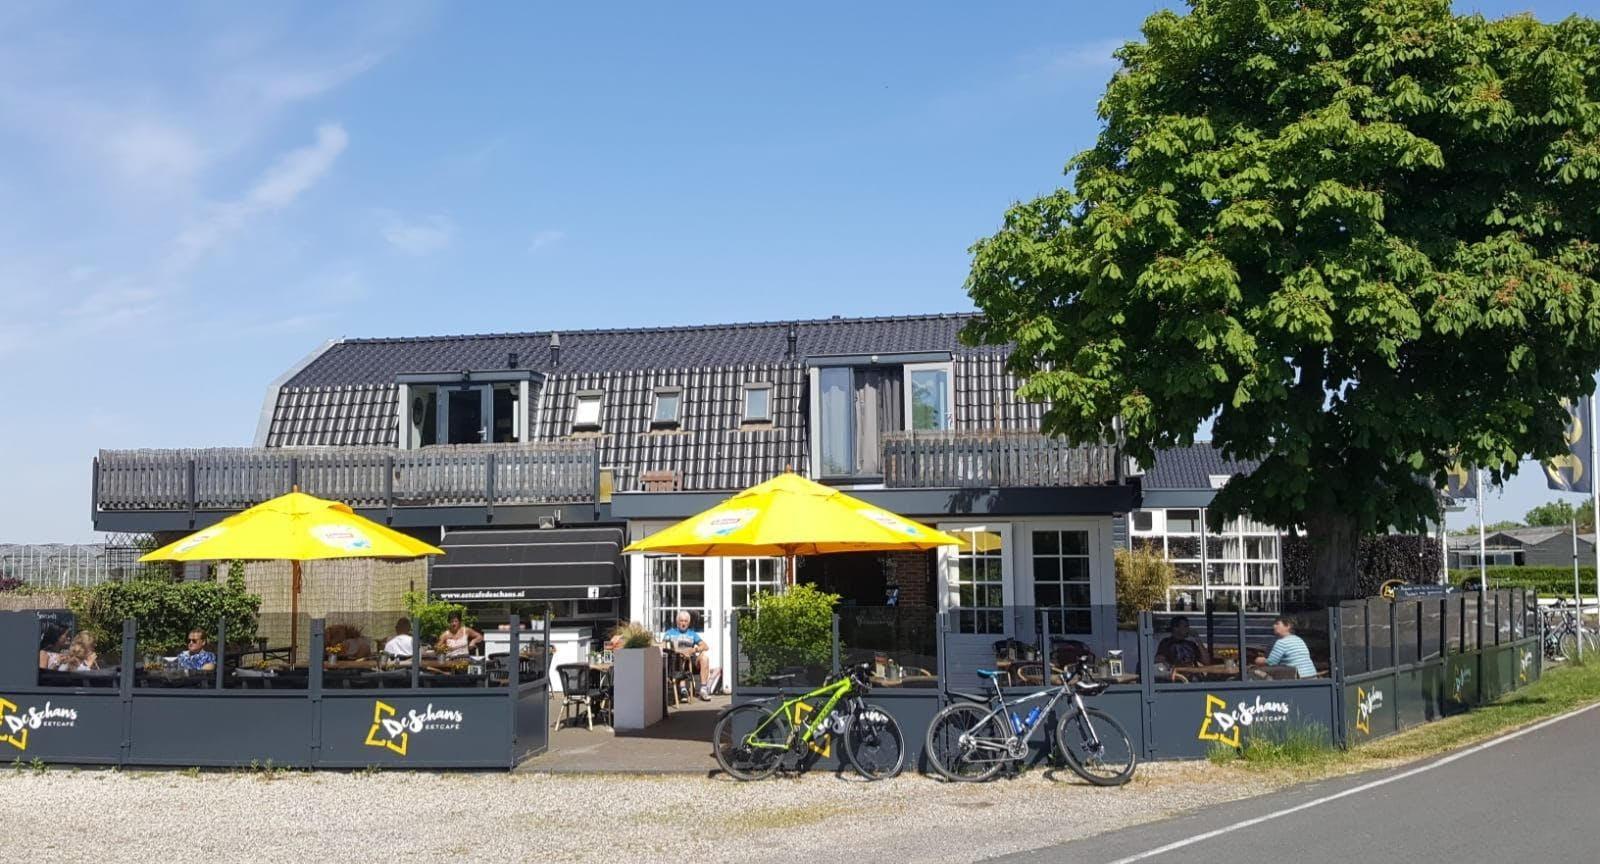 Eetcafé De Schans